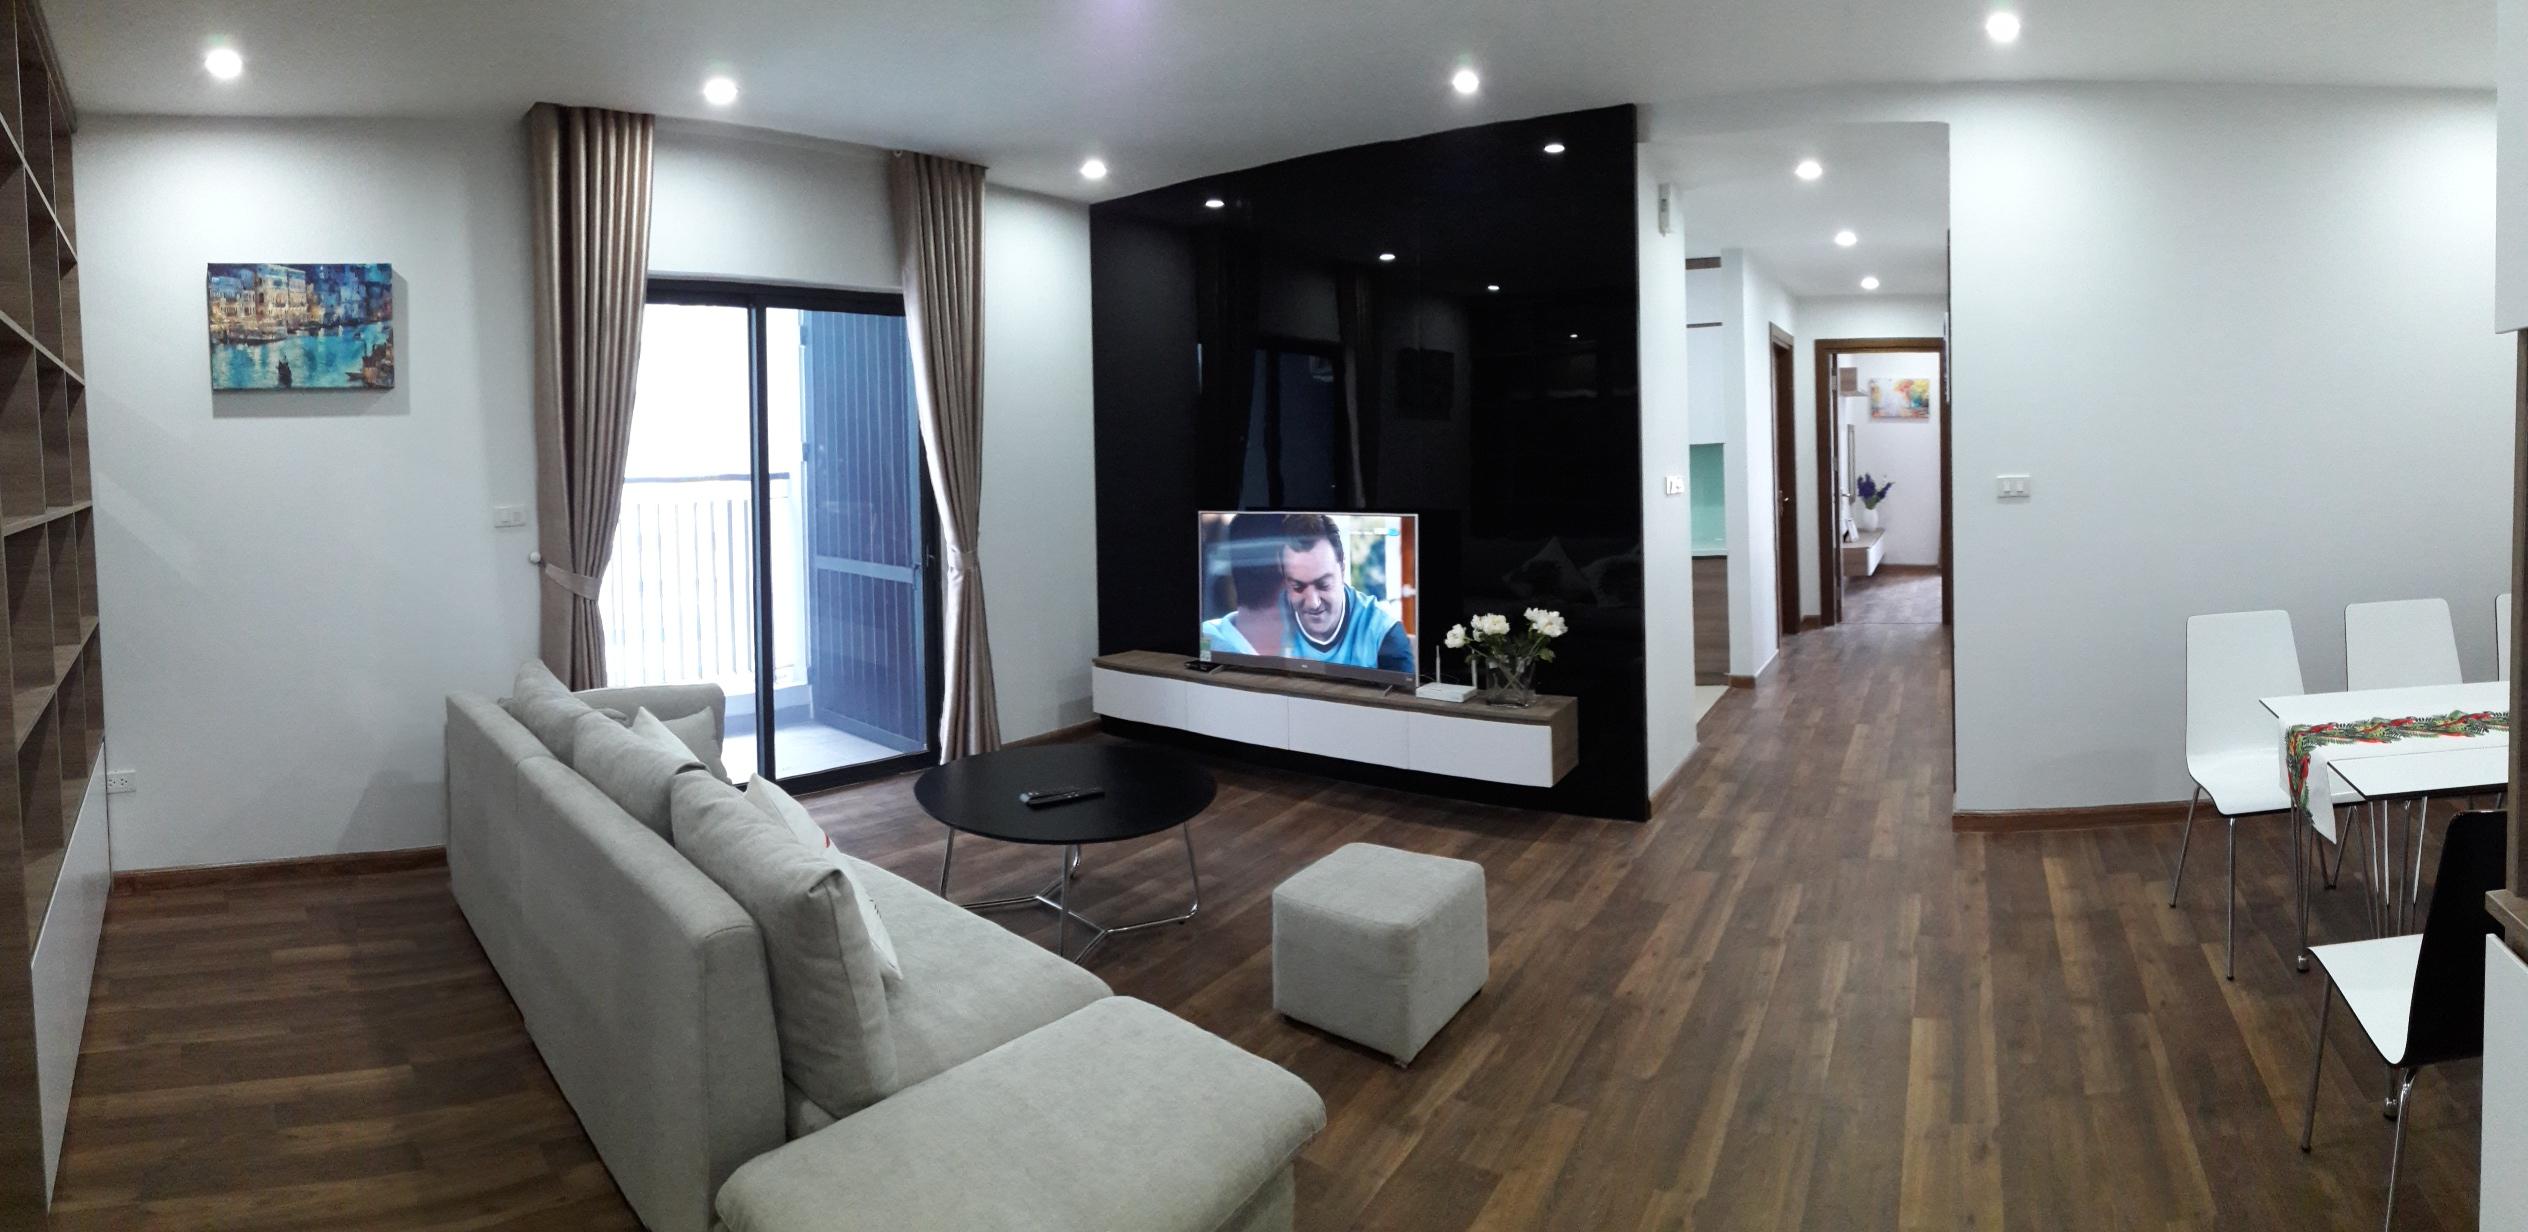 Cho thuê căn hộ 3 phòng ngủ tại Goldmark City